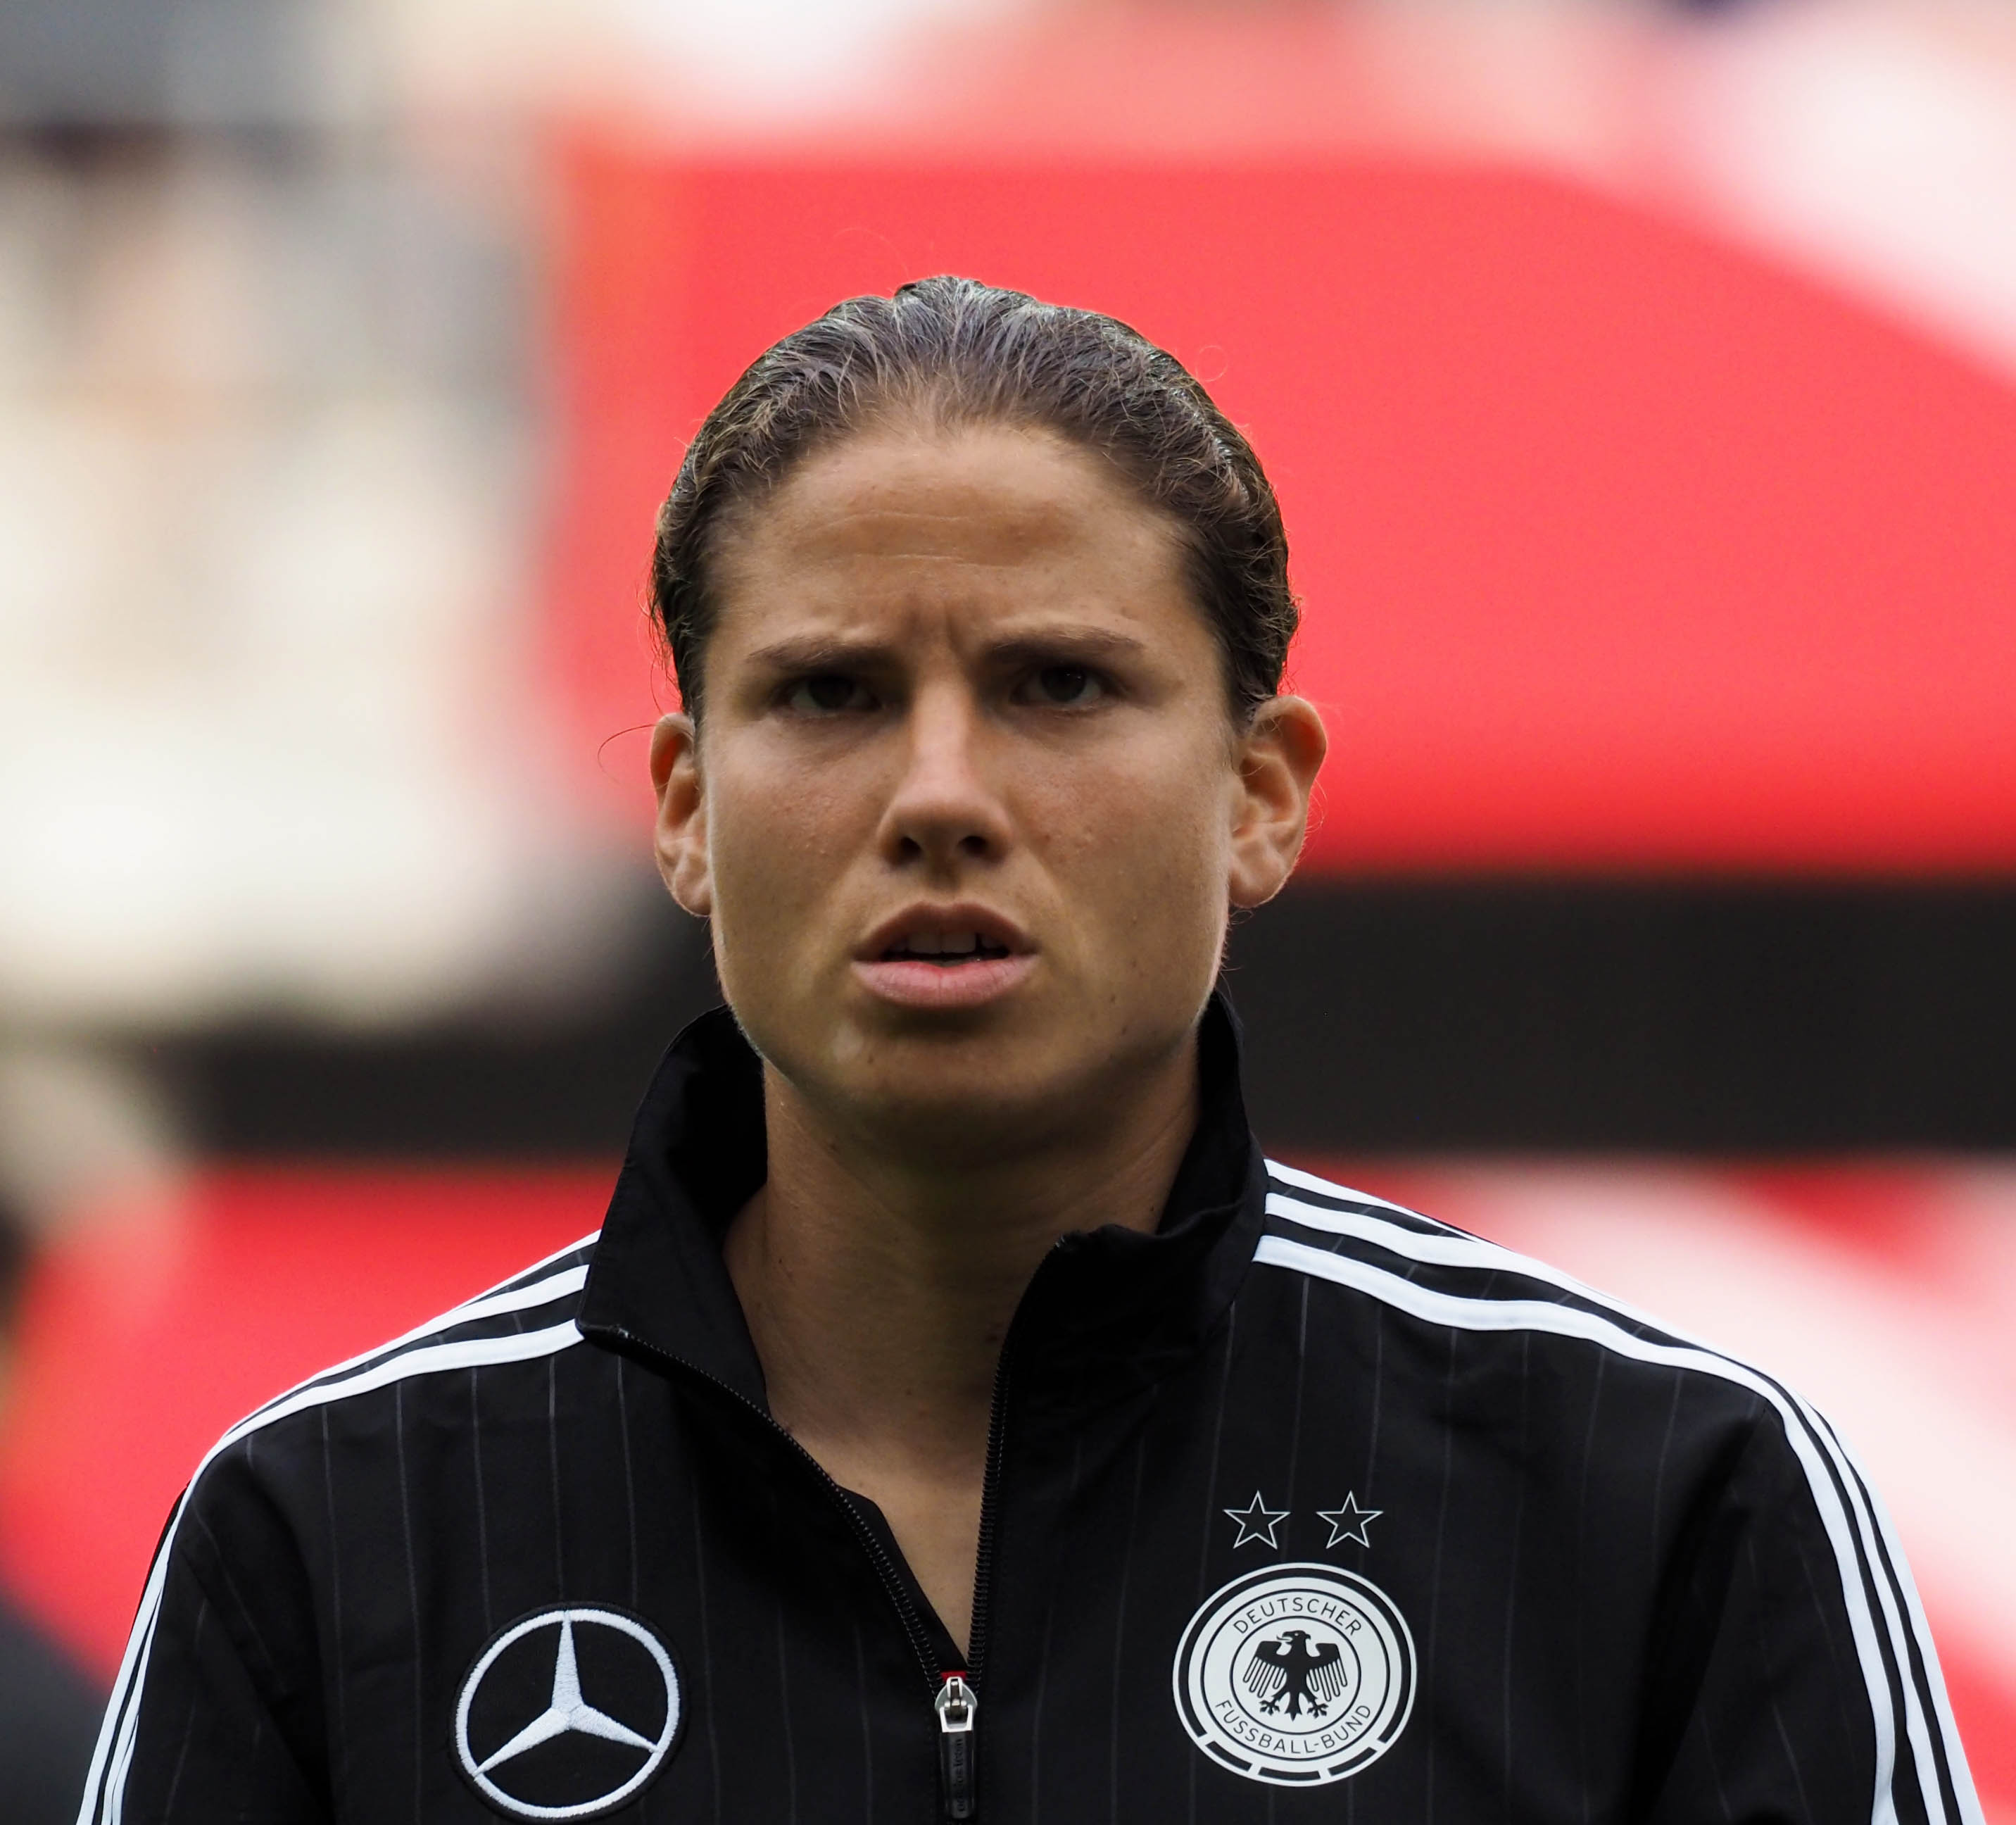 Olympiasiegerin Annike Krahn hält in Leverkusen die Abwehr zusammen - Foto: Uta Zorn